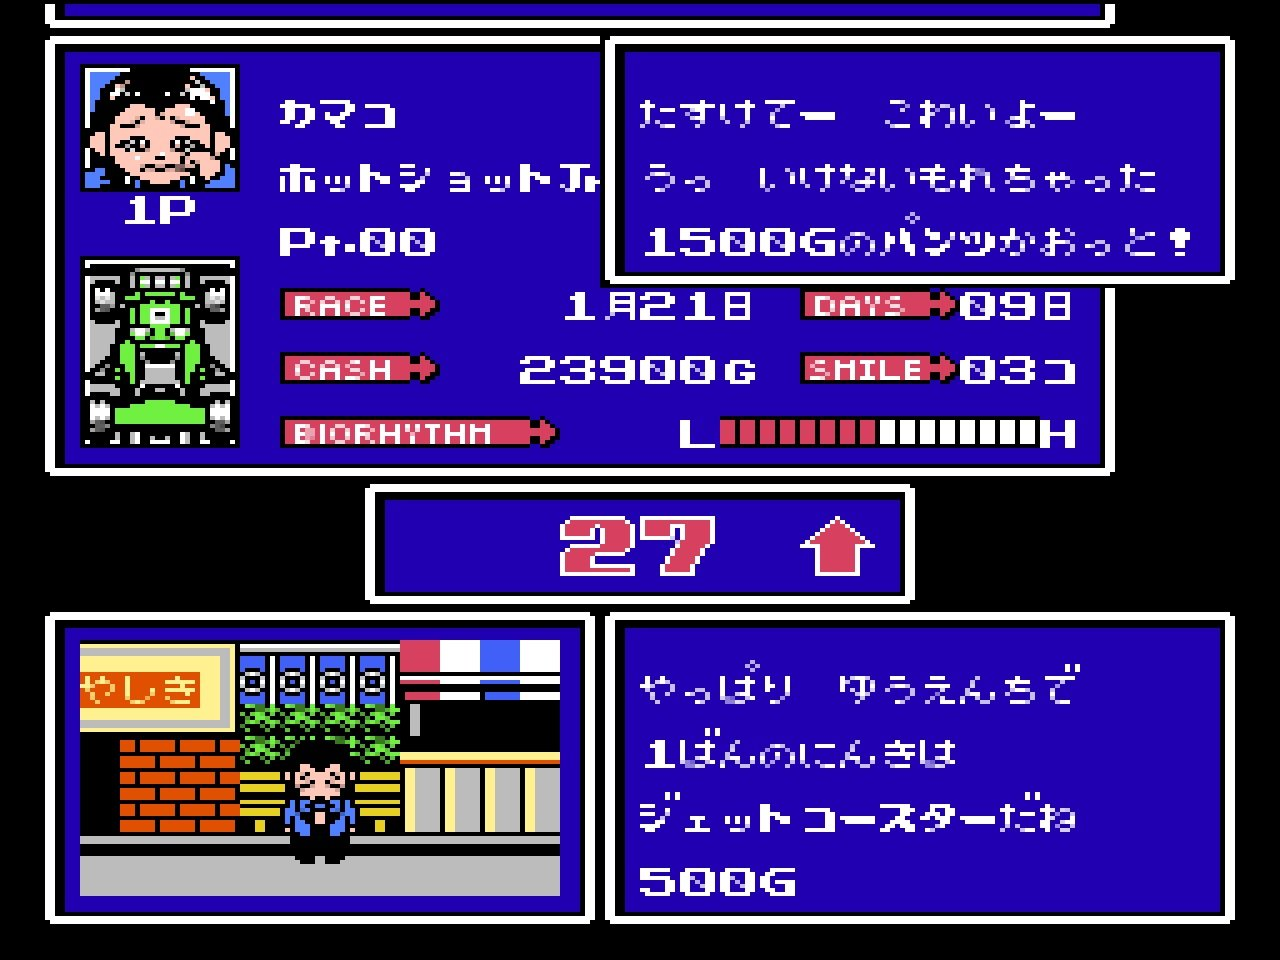 『ダッシュ四駆郎』世代を直撃! ファミコン『レーサーミニ四駆 ジャパンカップ』の意外性のある面白さの画像003